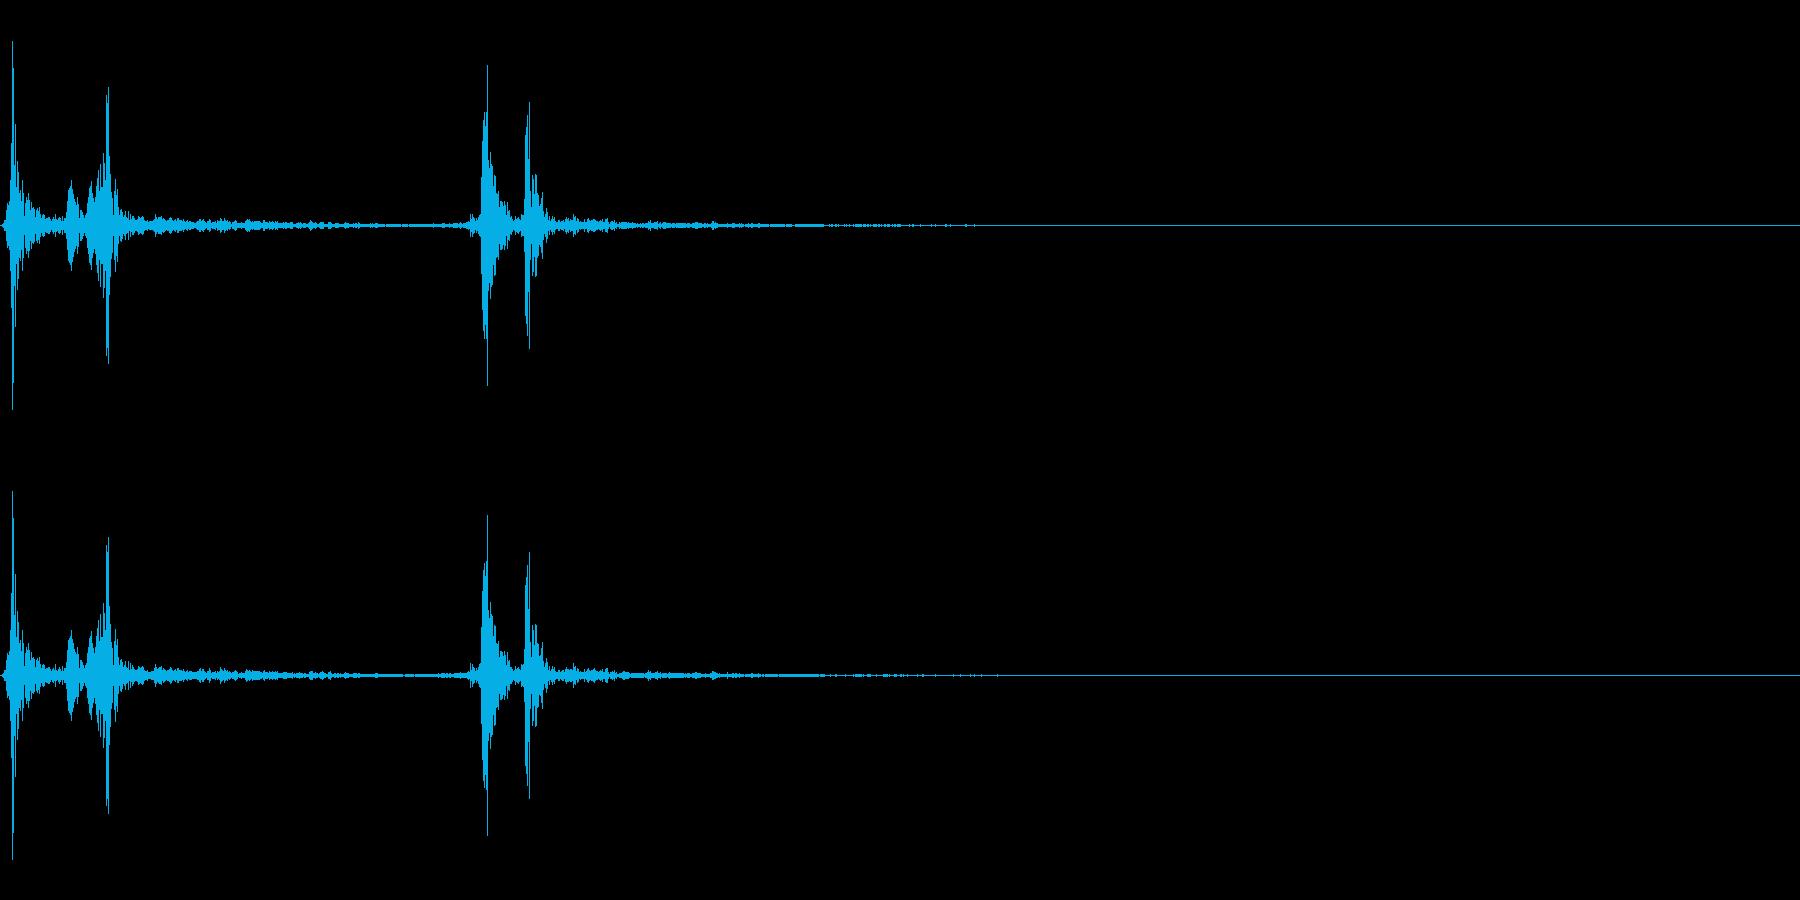 決定・選択/文房具 /カチッの再生済みの波形